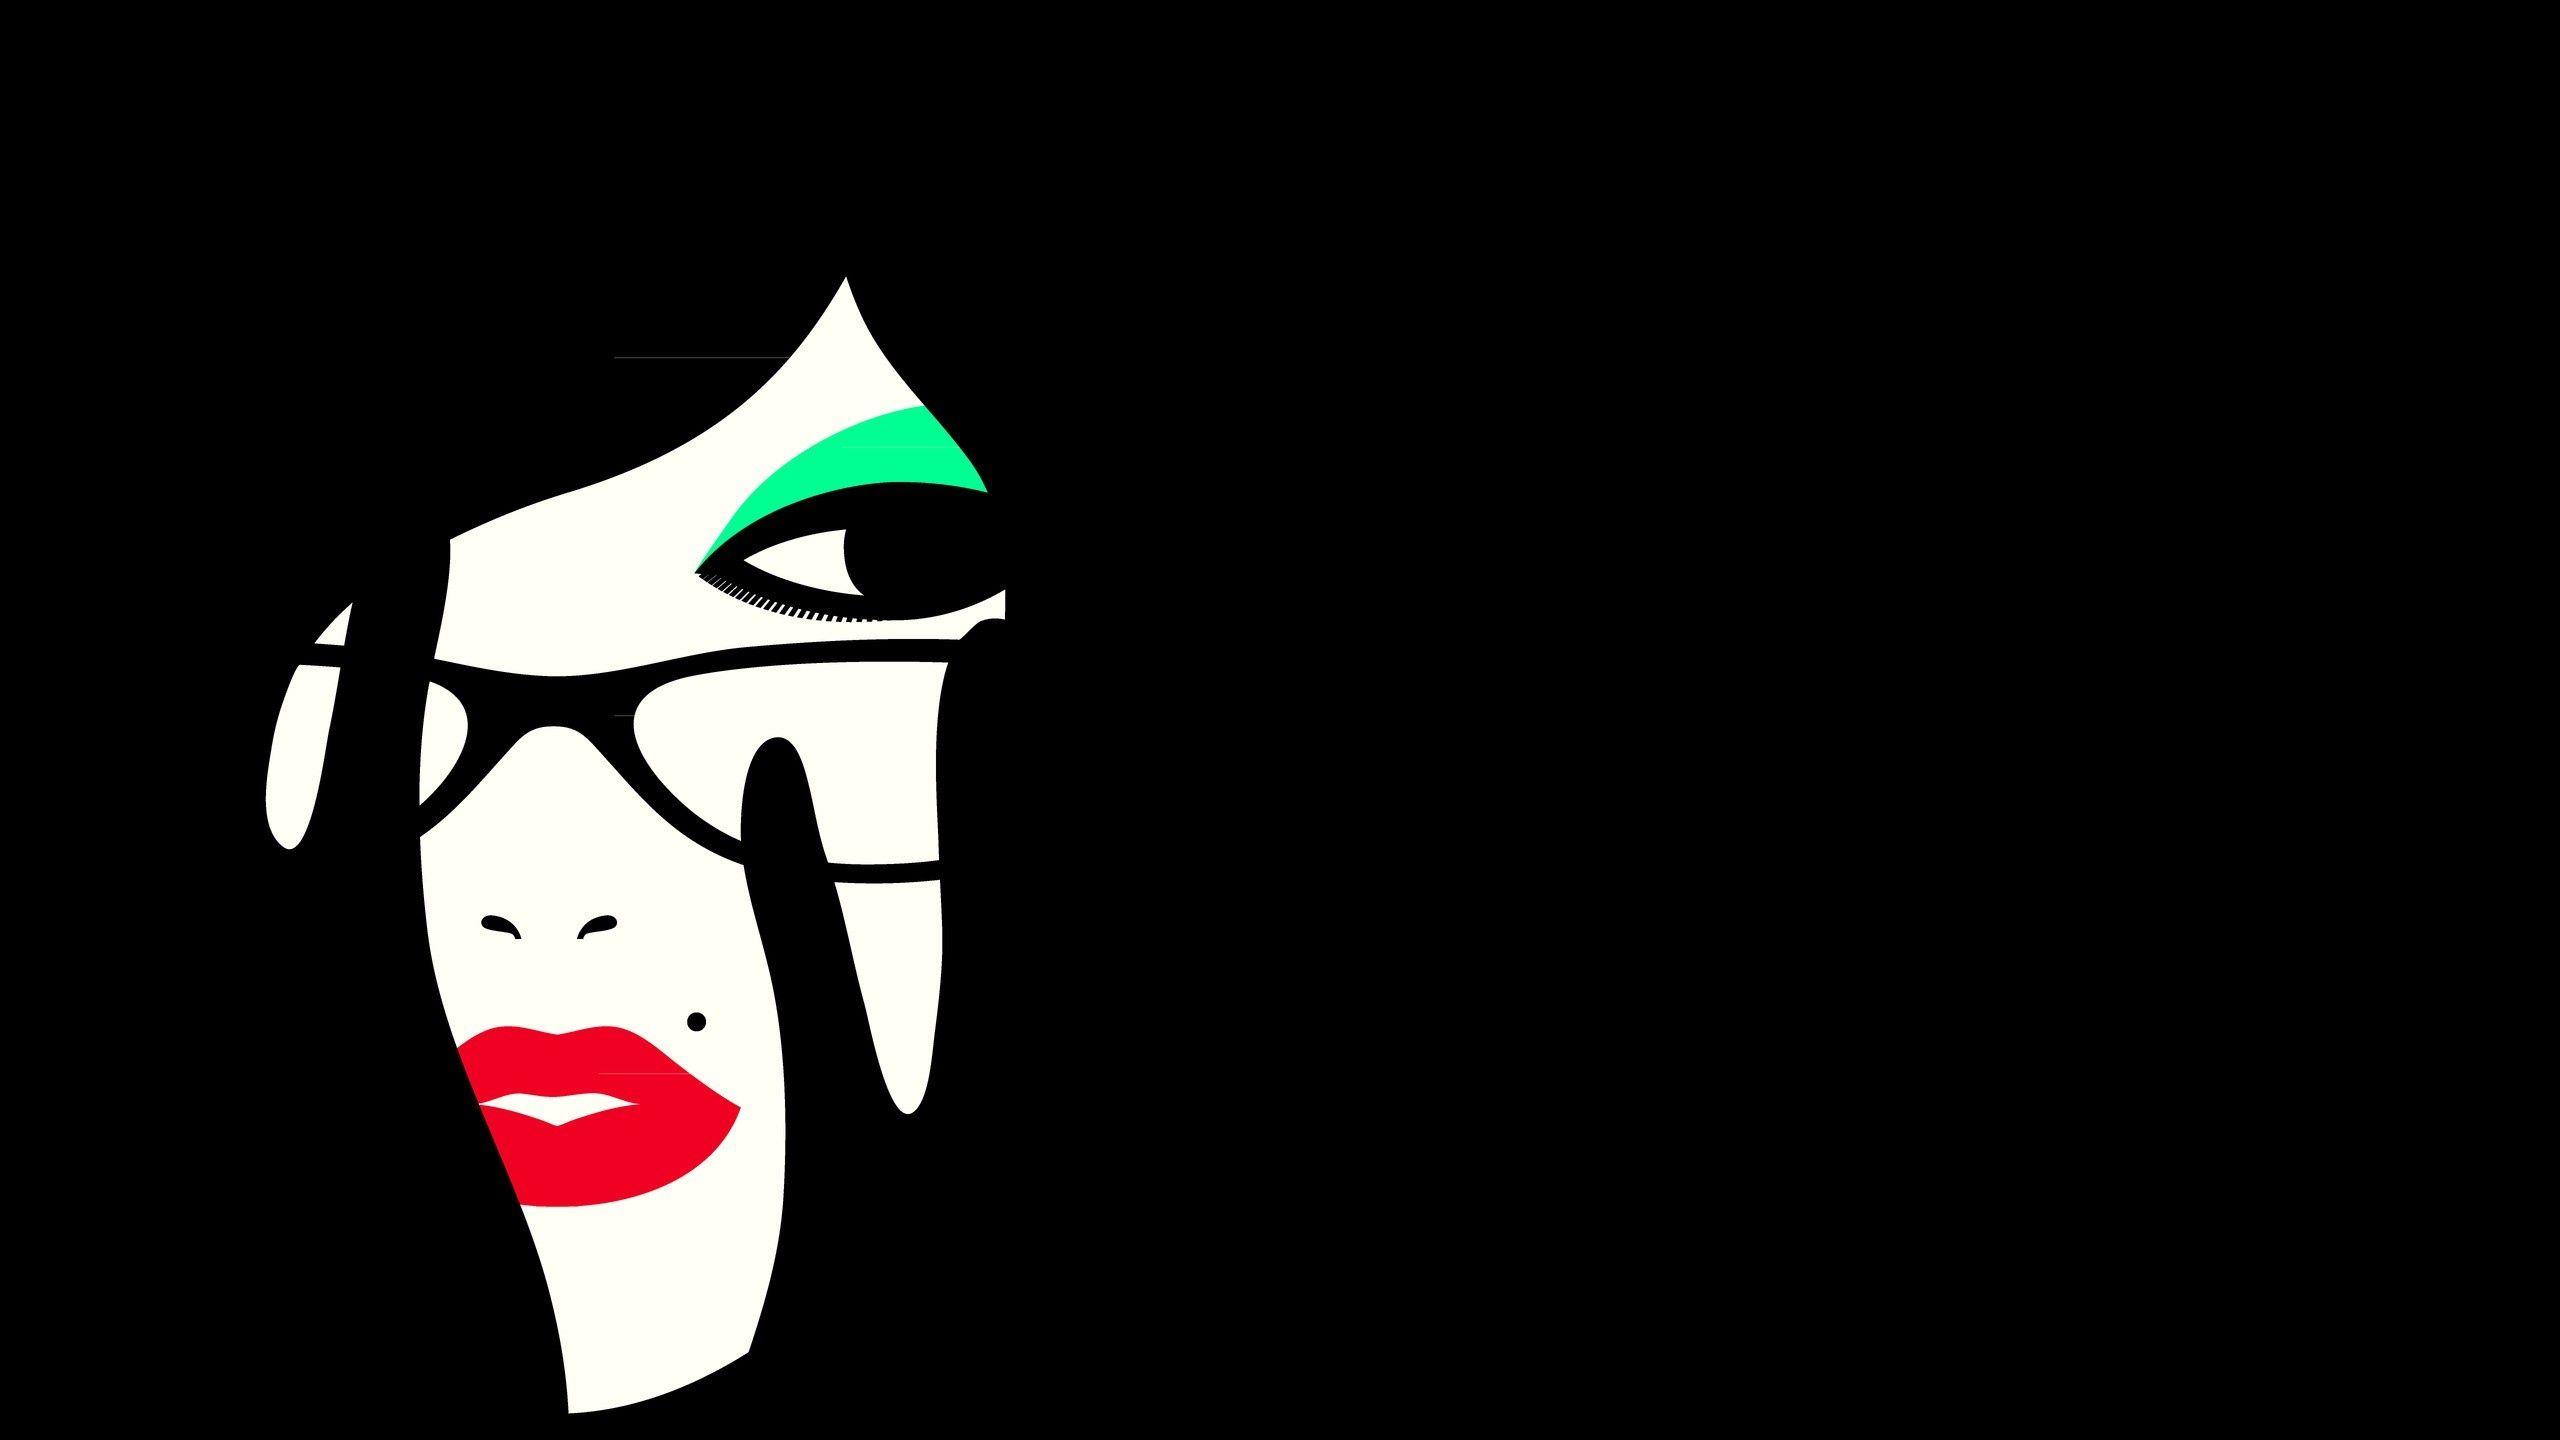 2560x1440 Wallpaper Girl Face Makeup Minimalism Vector